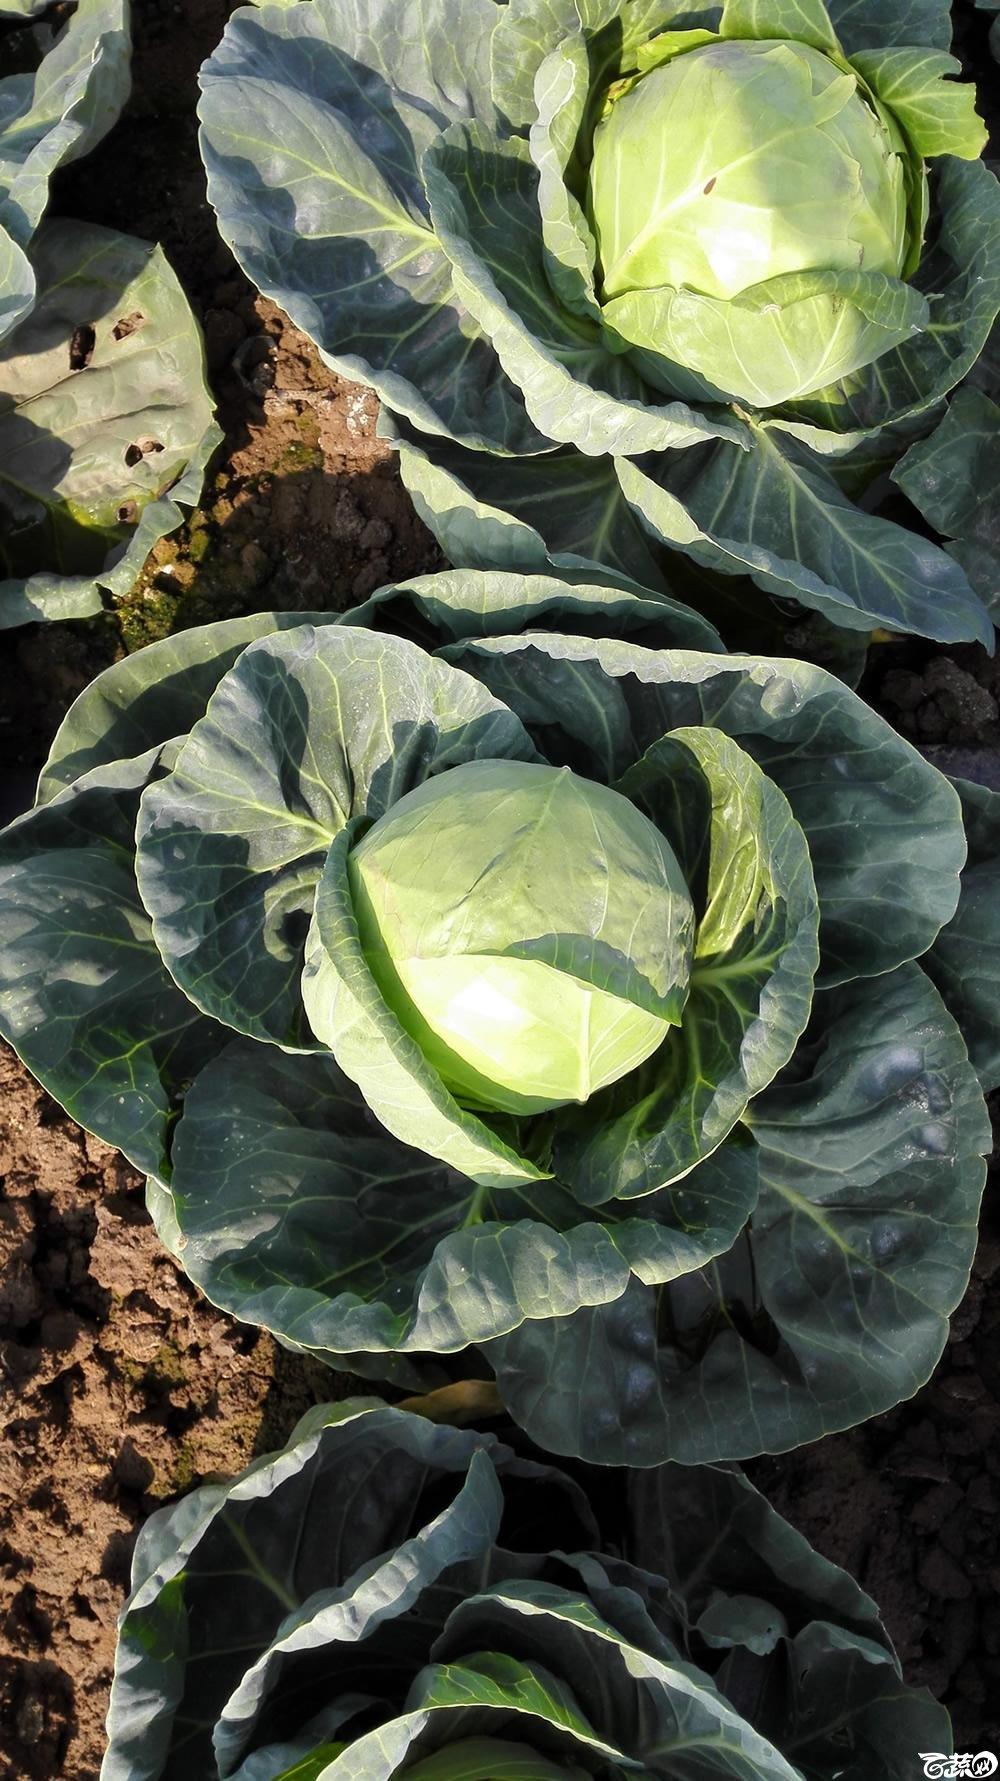 2014年12月10号广州市农科院南沙秋季蔬菜新品种展示会 甘蓝_110.jpg